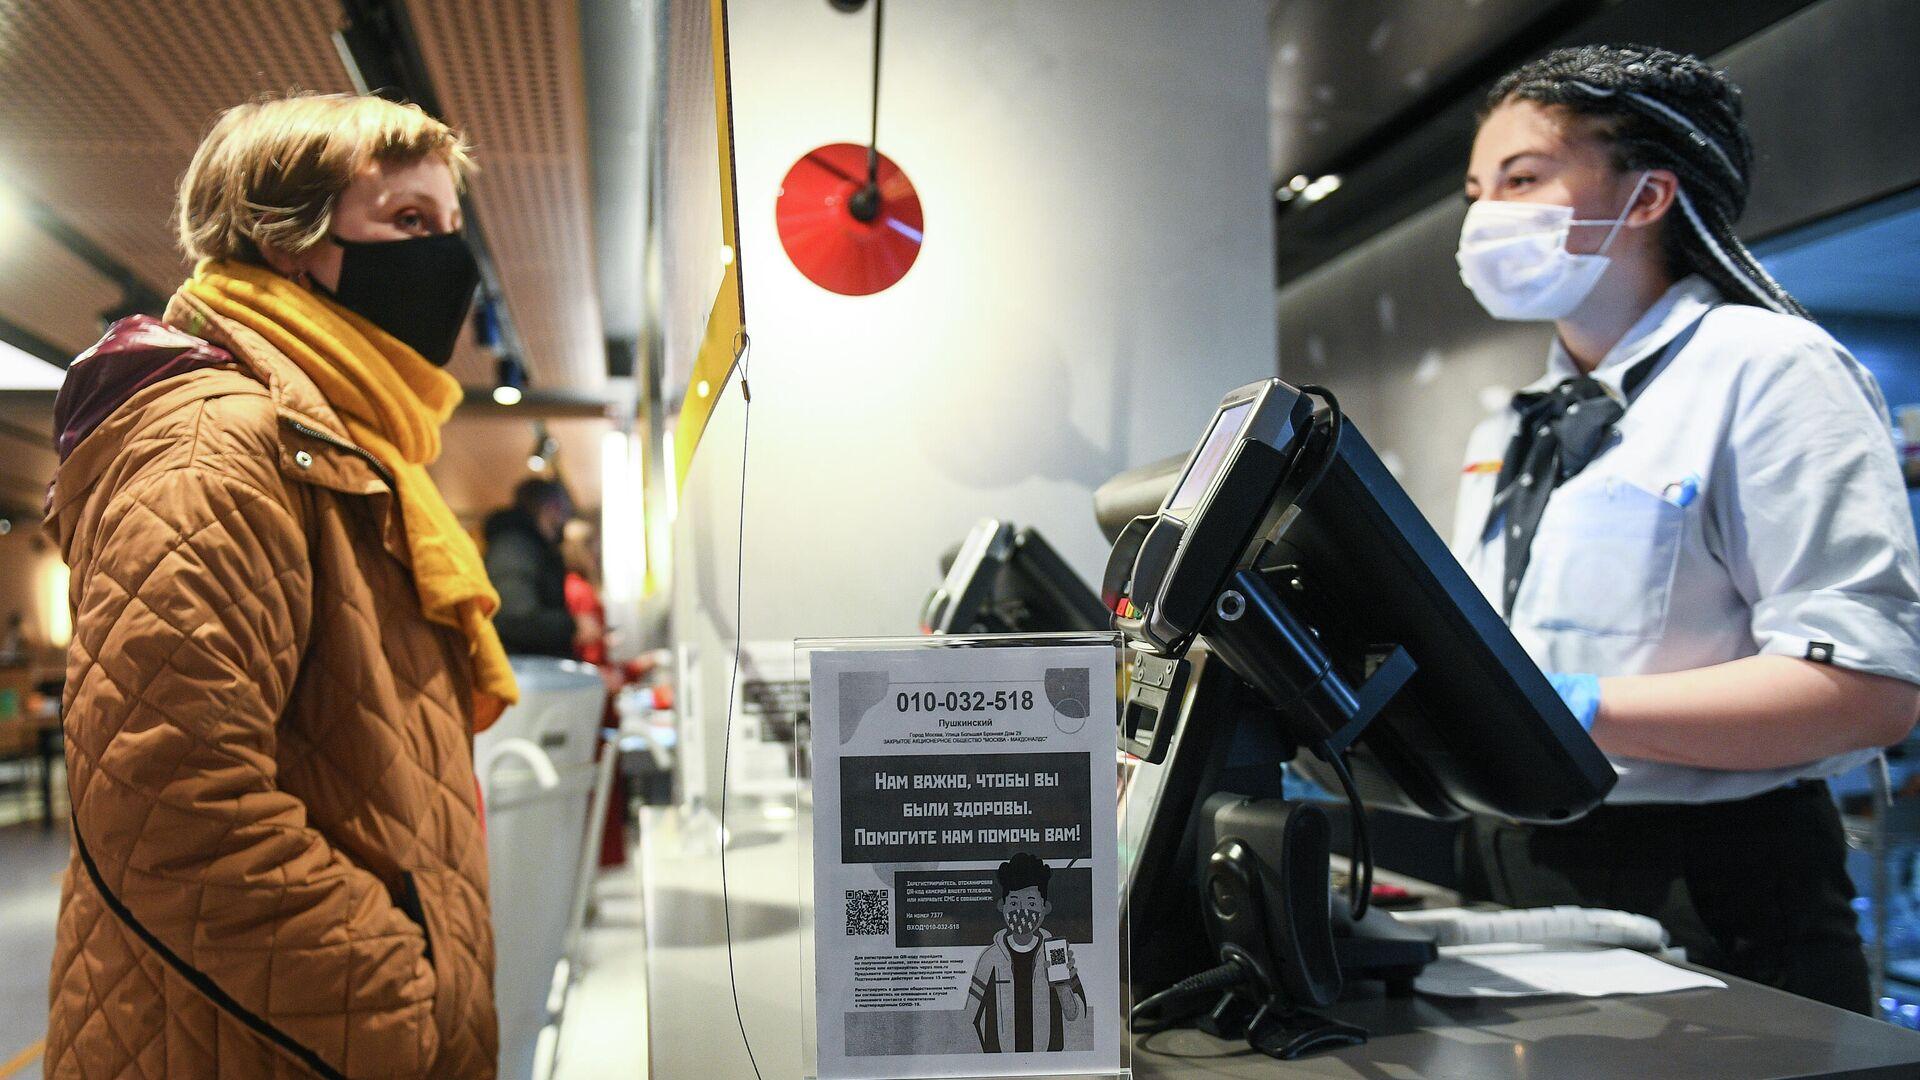 Сеть ресторанов Макдоналдс вводят систему QR-кодов в Москве - РИА Новости, 1920, 05.11.2020